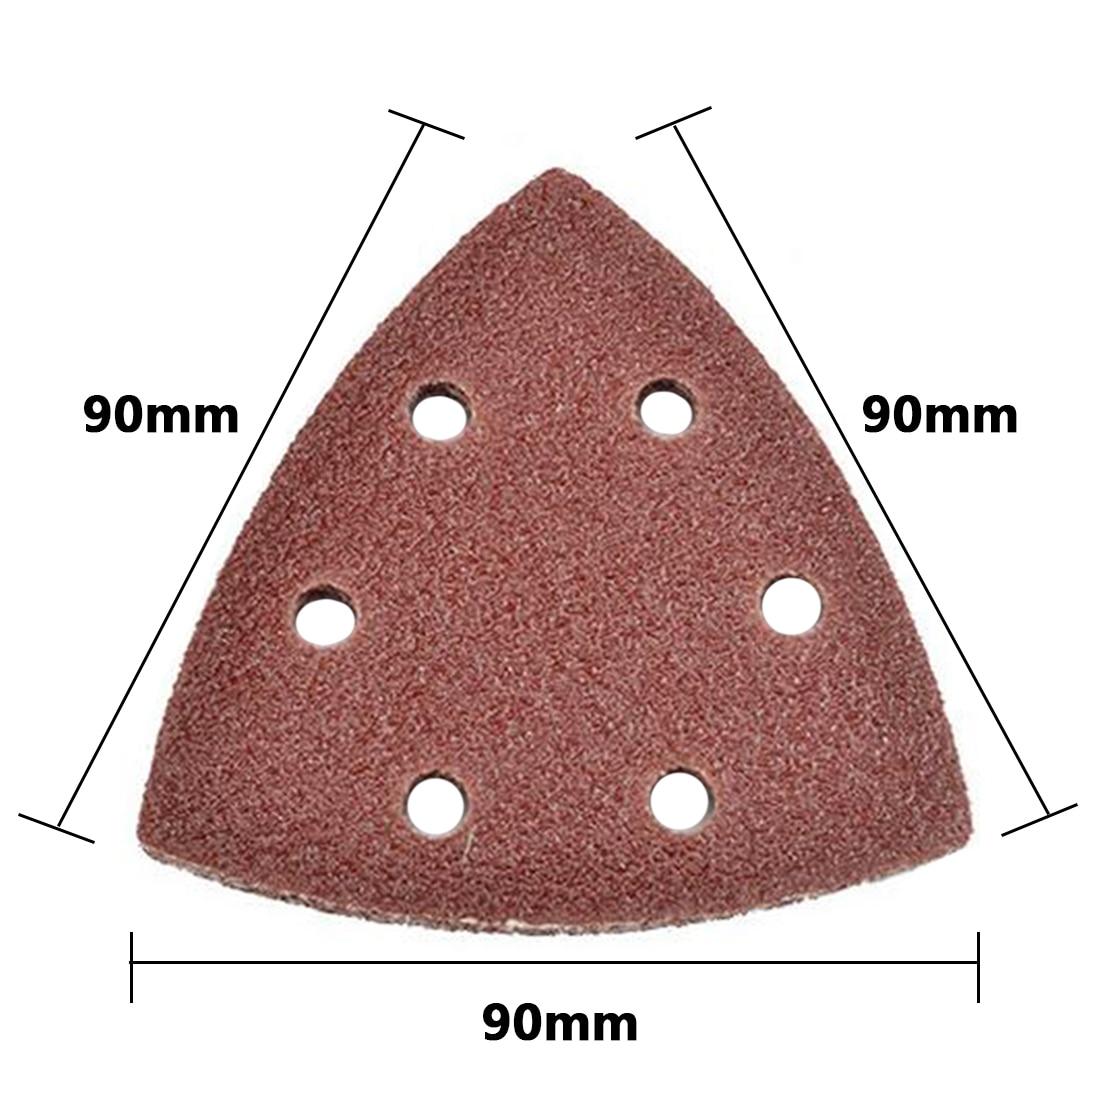 25PC 90mm Delta Sander Sand Paper Hook & Loop Sandpaper Disc Abrasive Tools For Sanding Grit 40-320